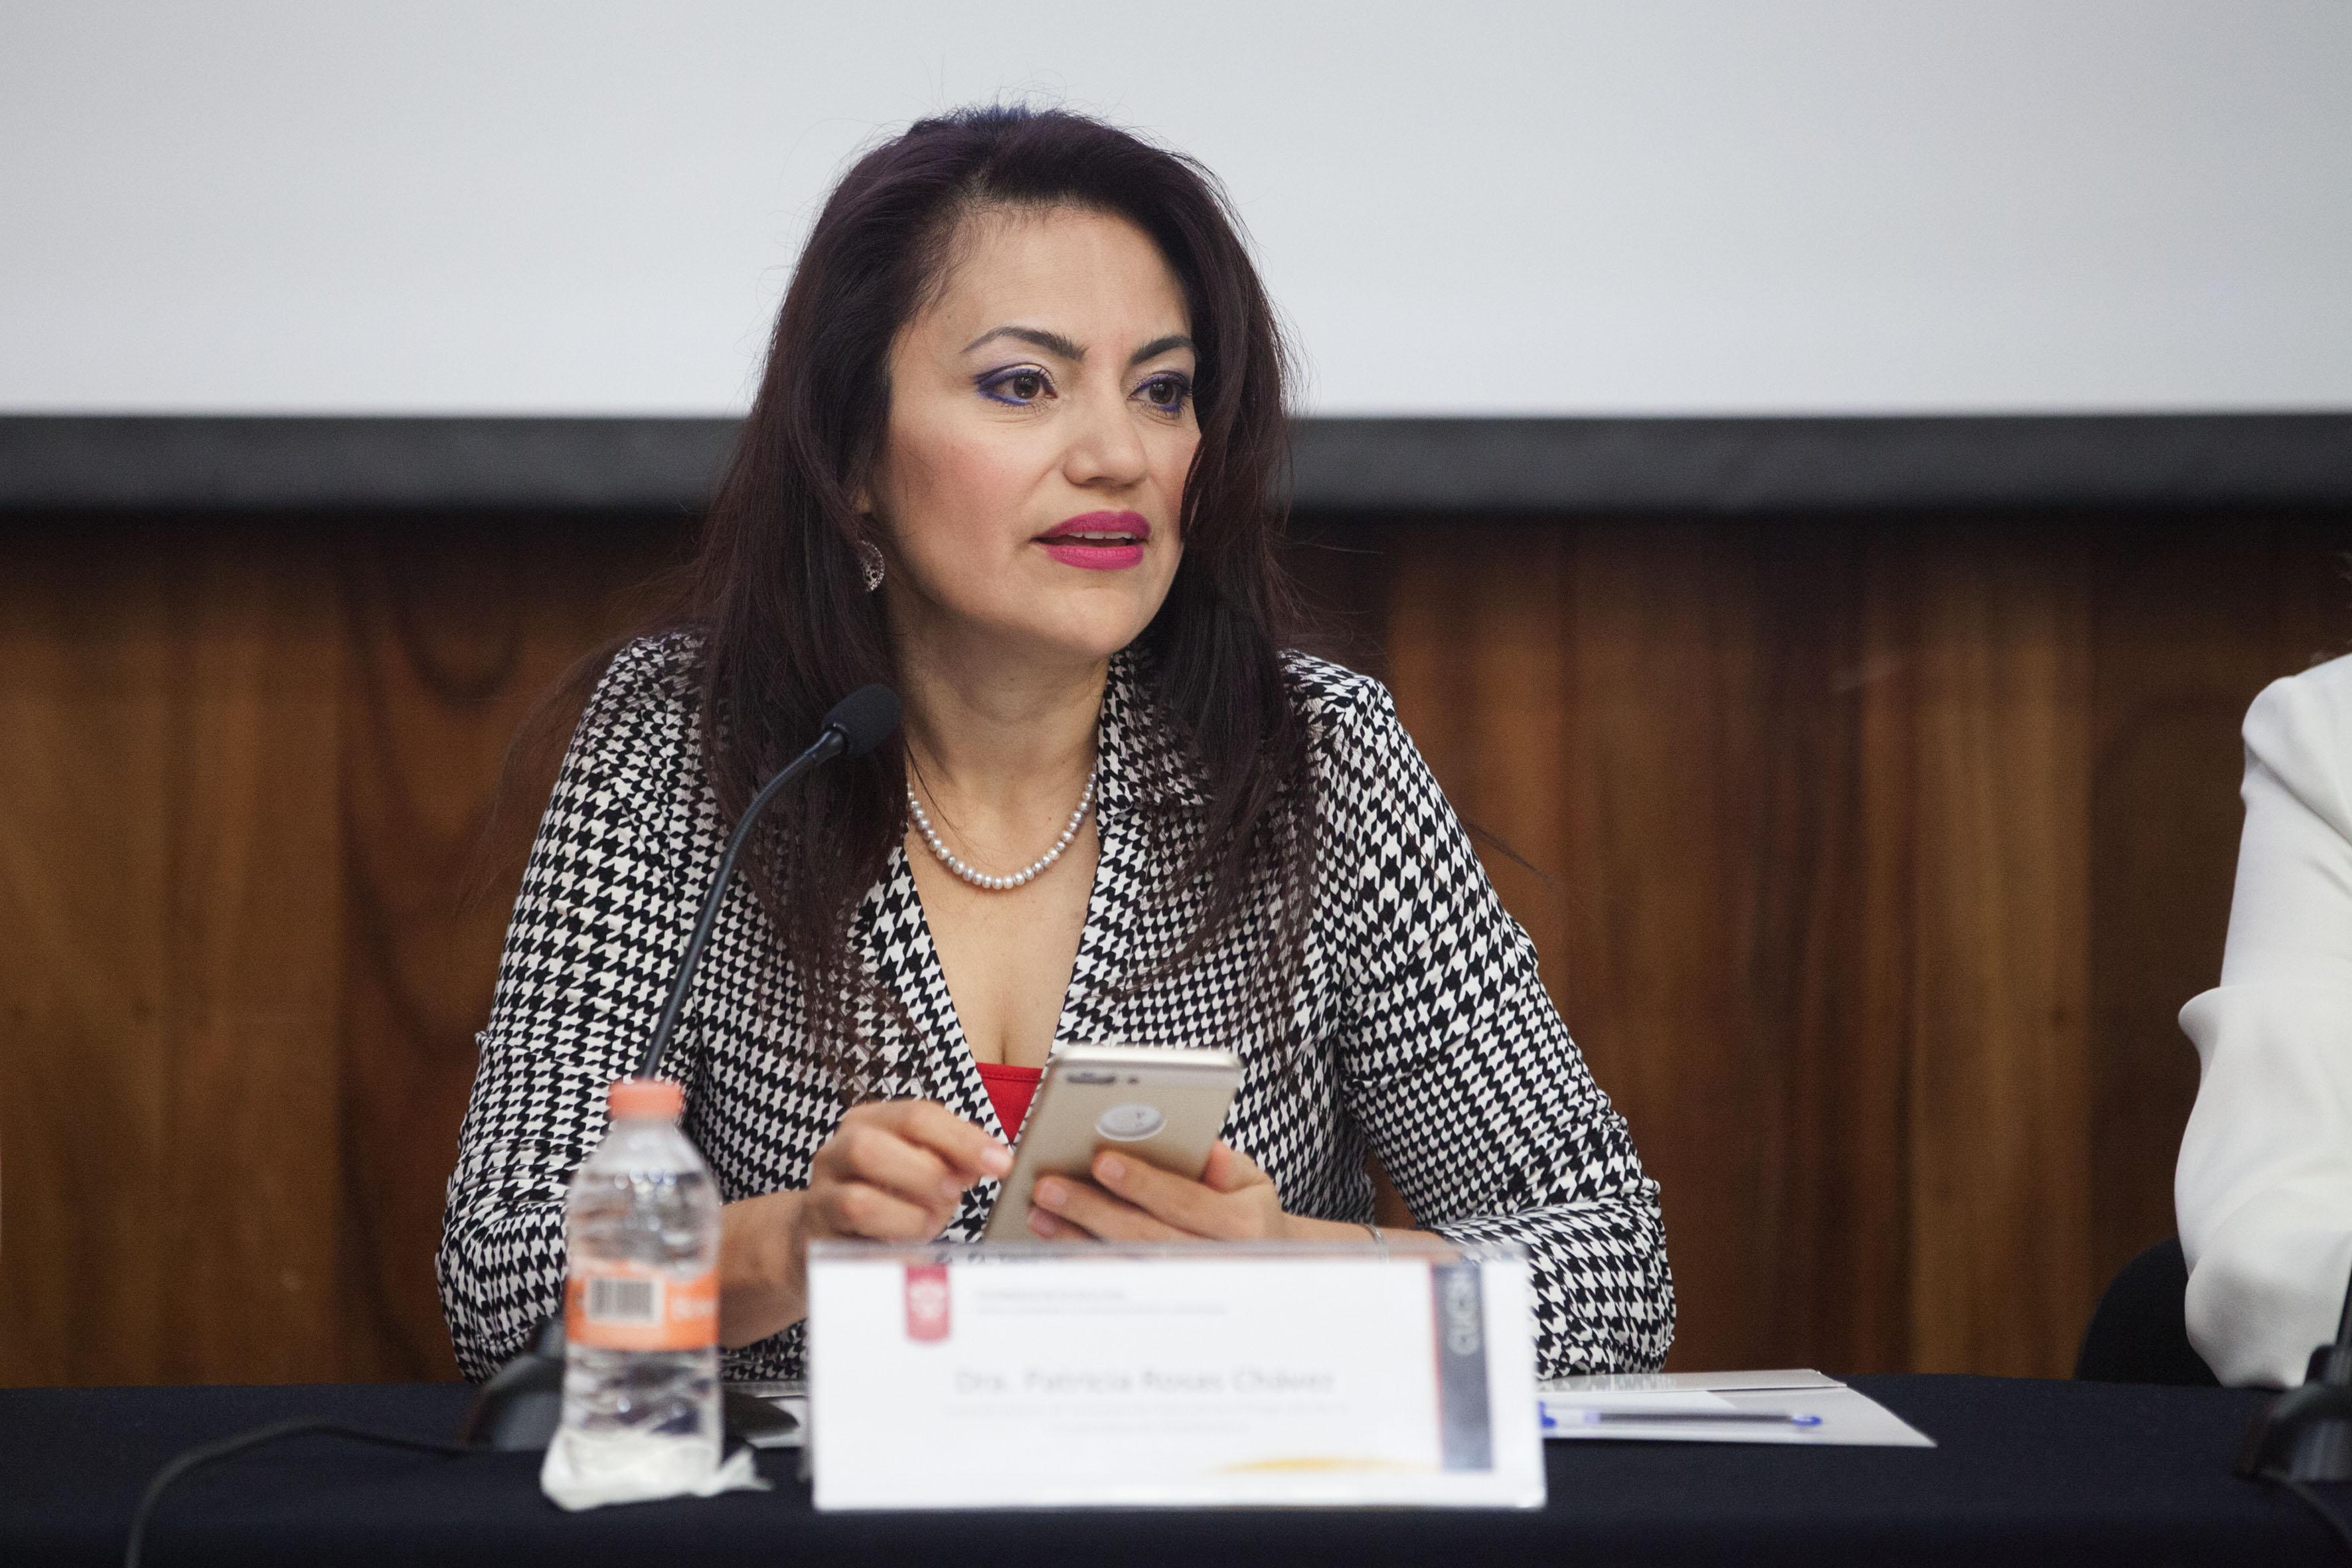 Doctora Patricia Rosas Chávez, titular de la Coordinación de Innovación Educativa y Pregrado (CIEP), participando en el evento.